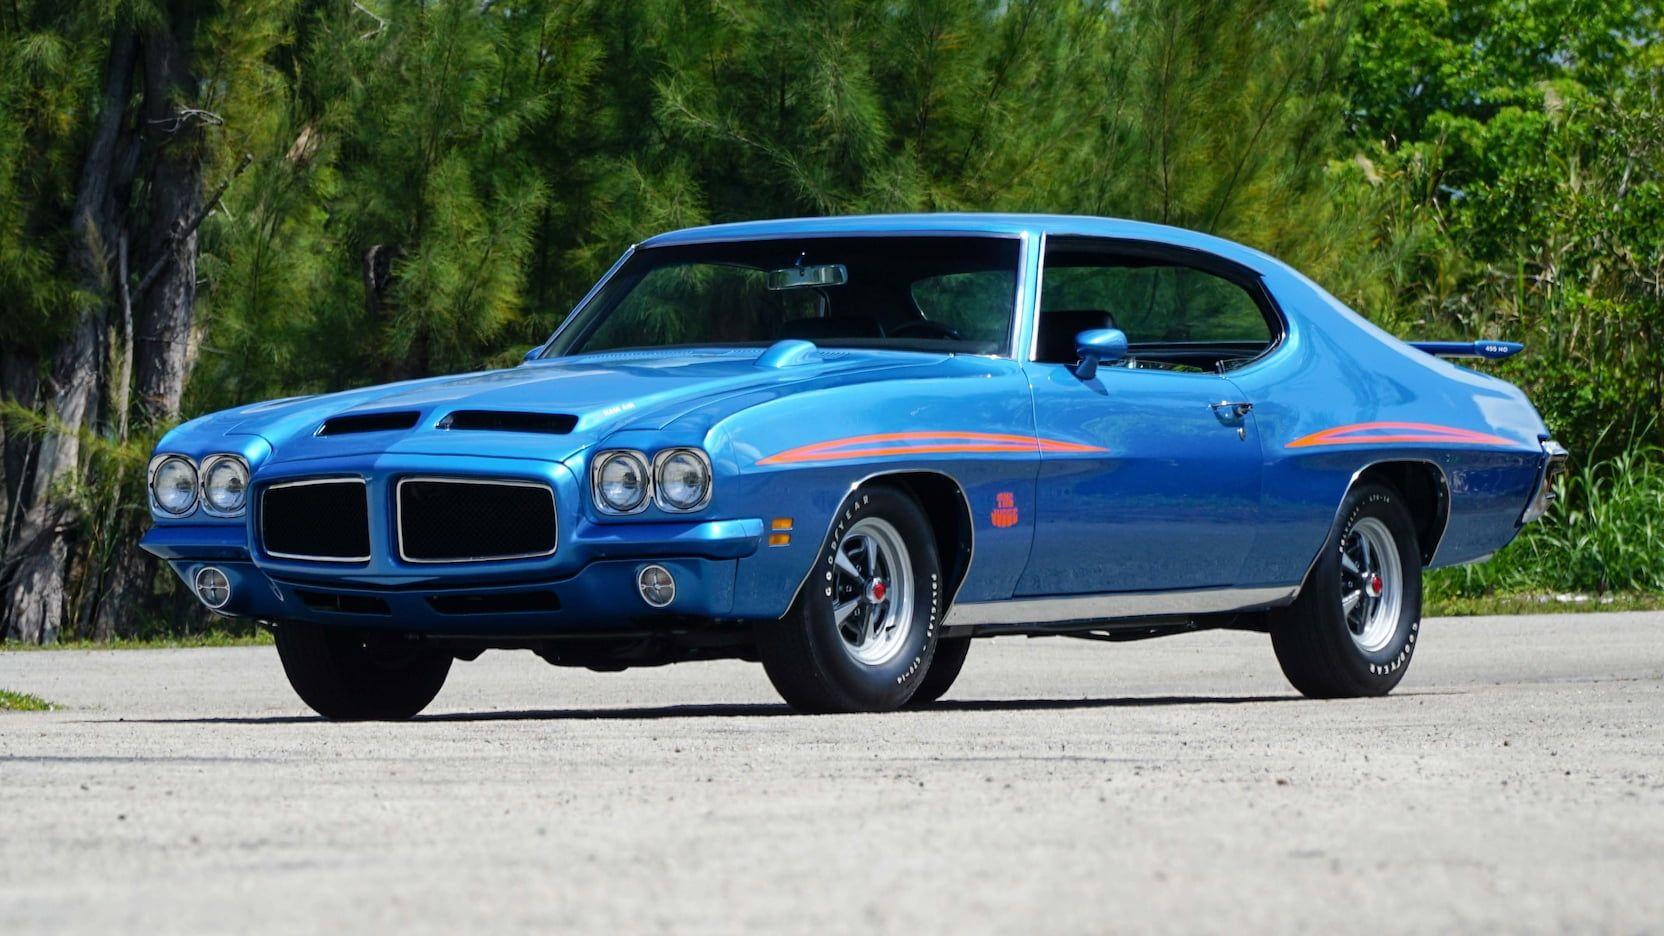 1971 Pontiac Gto Judge Presented As Lot R267 At Indianapolis In Pontiac Gto Gto Pontiac